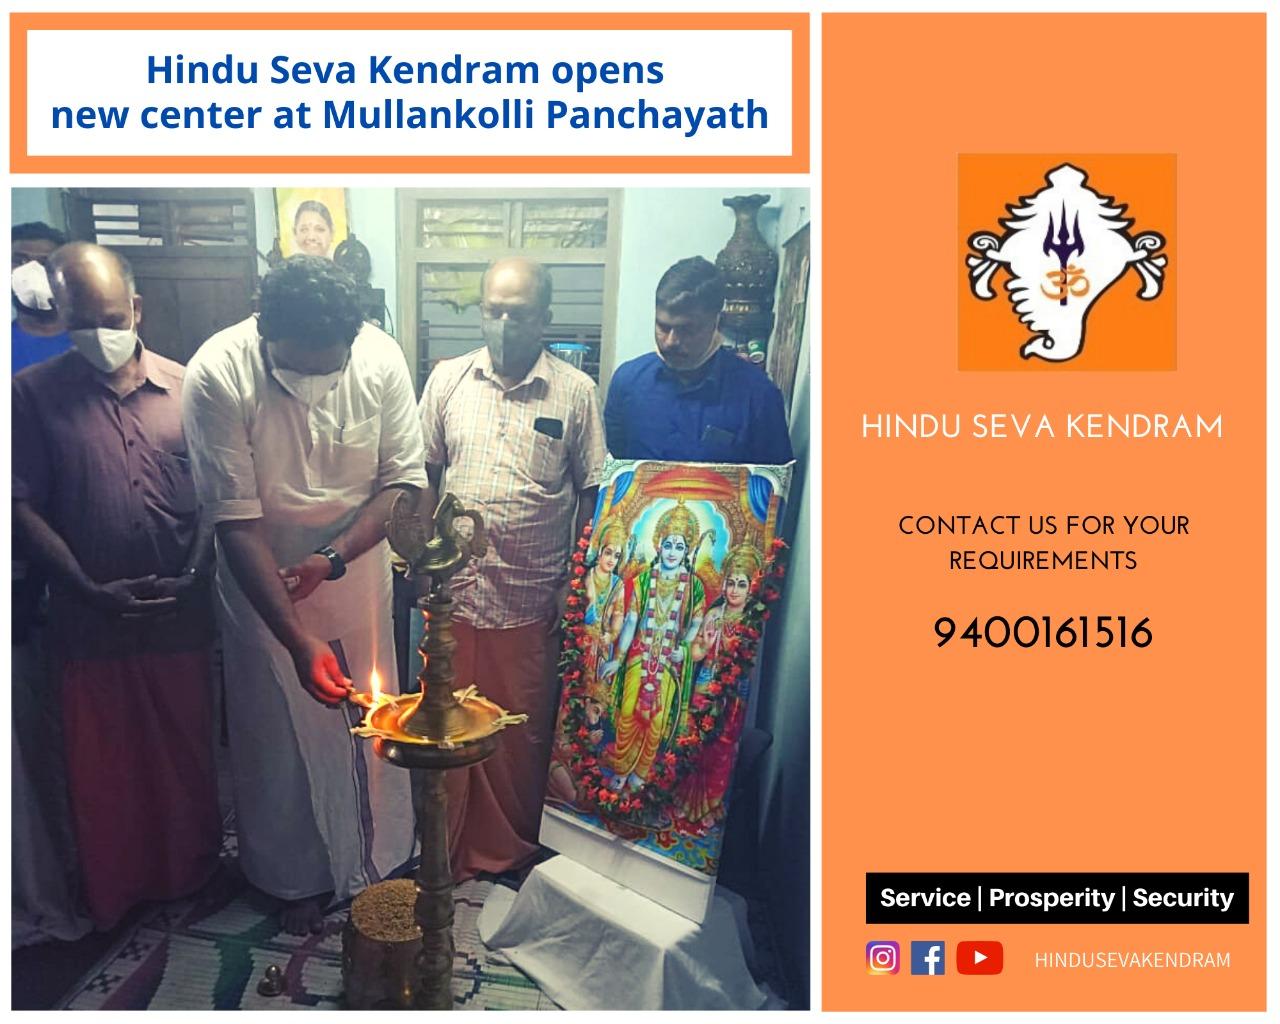 Hindu Seva Kendram opens new center at Mullankolli Panchayath